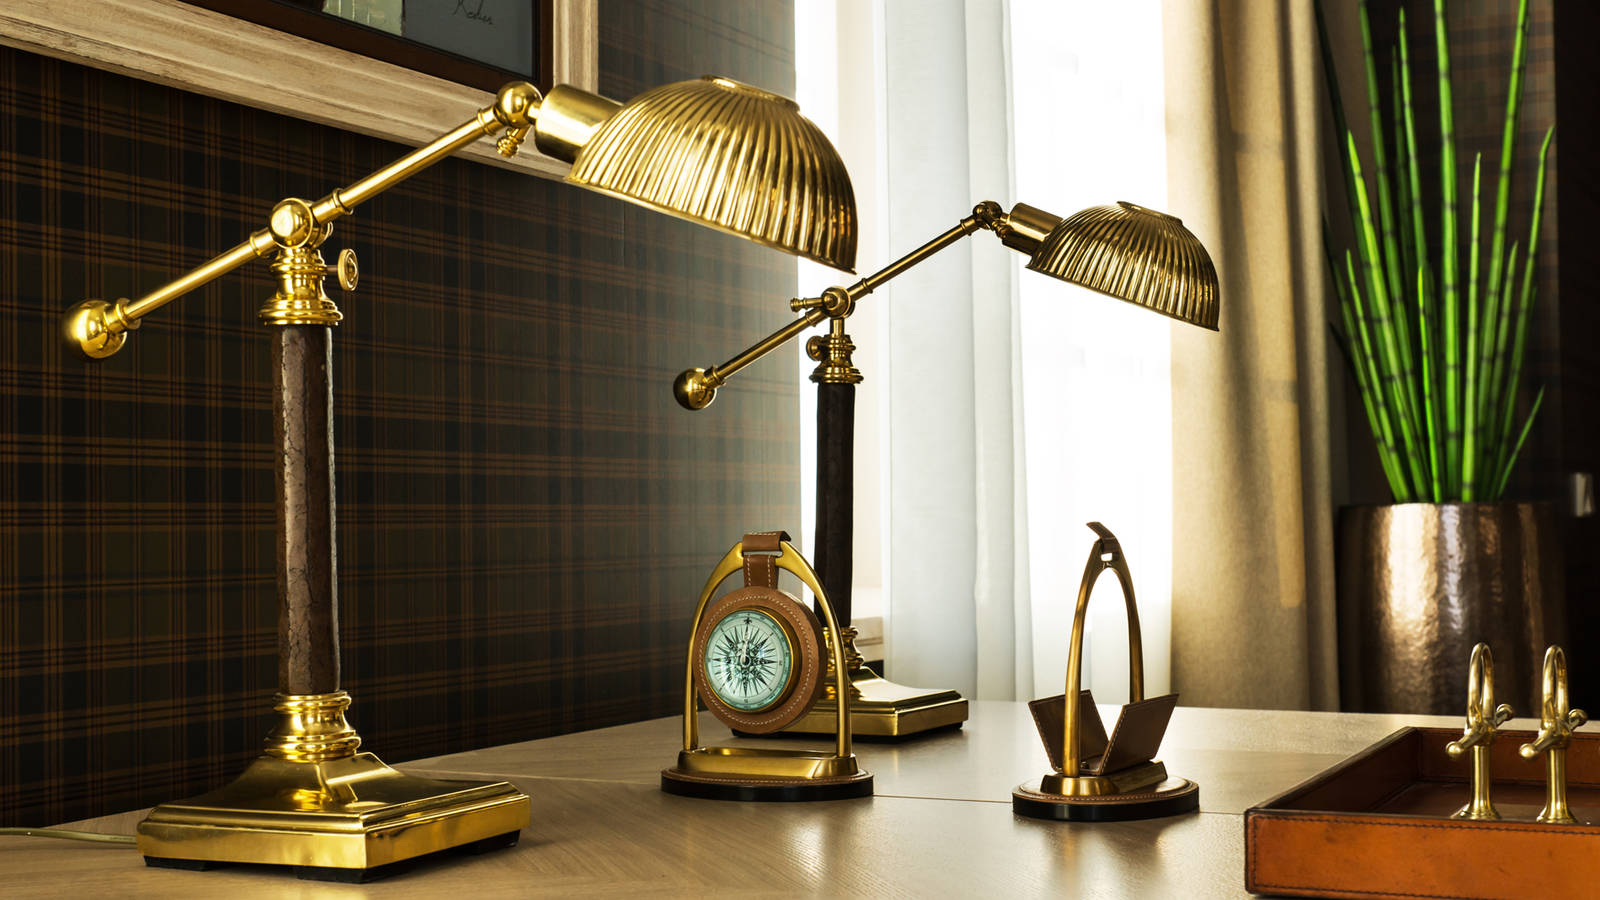 Лампа лупа в Алматы Сравнить цены, купить потребительские